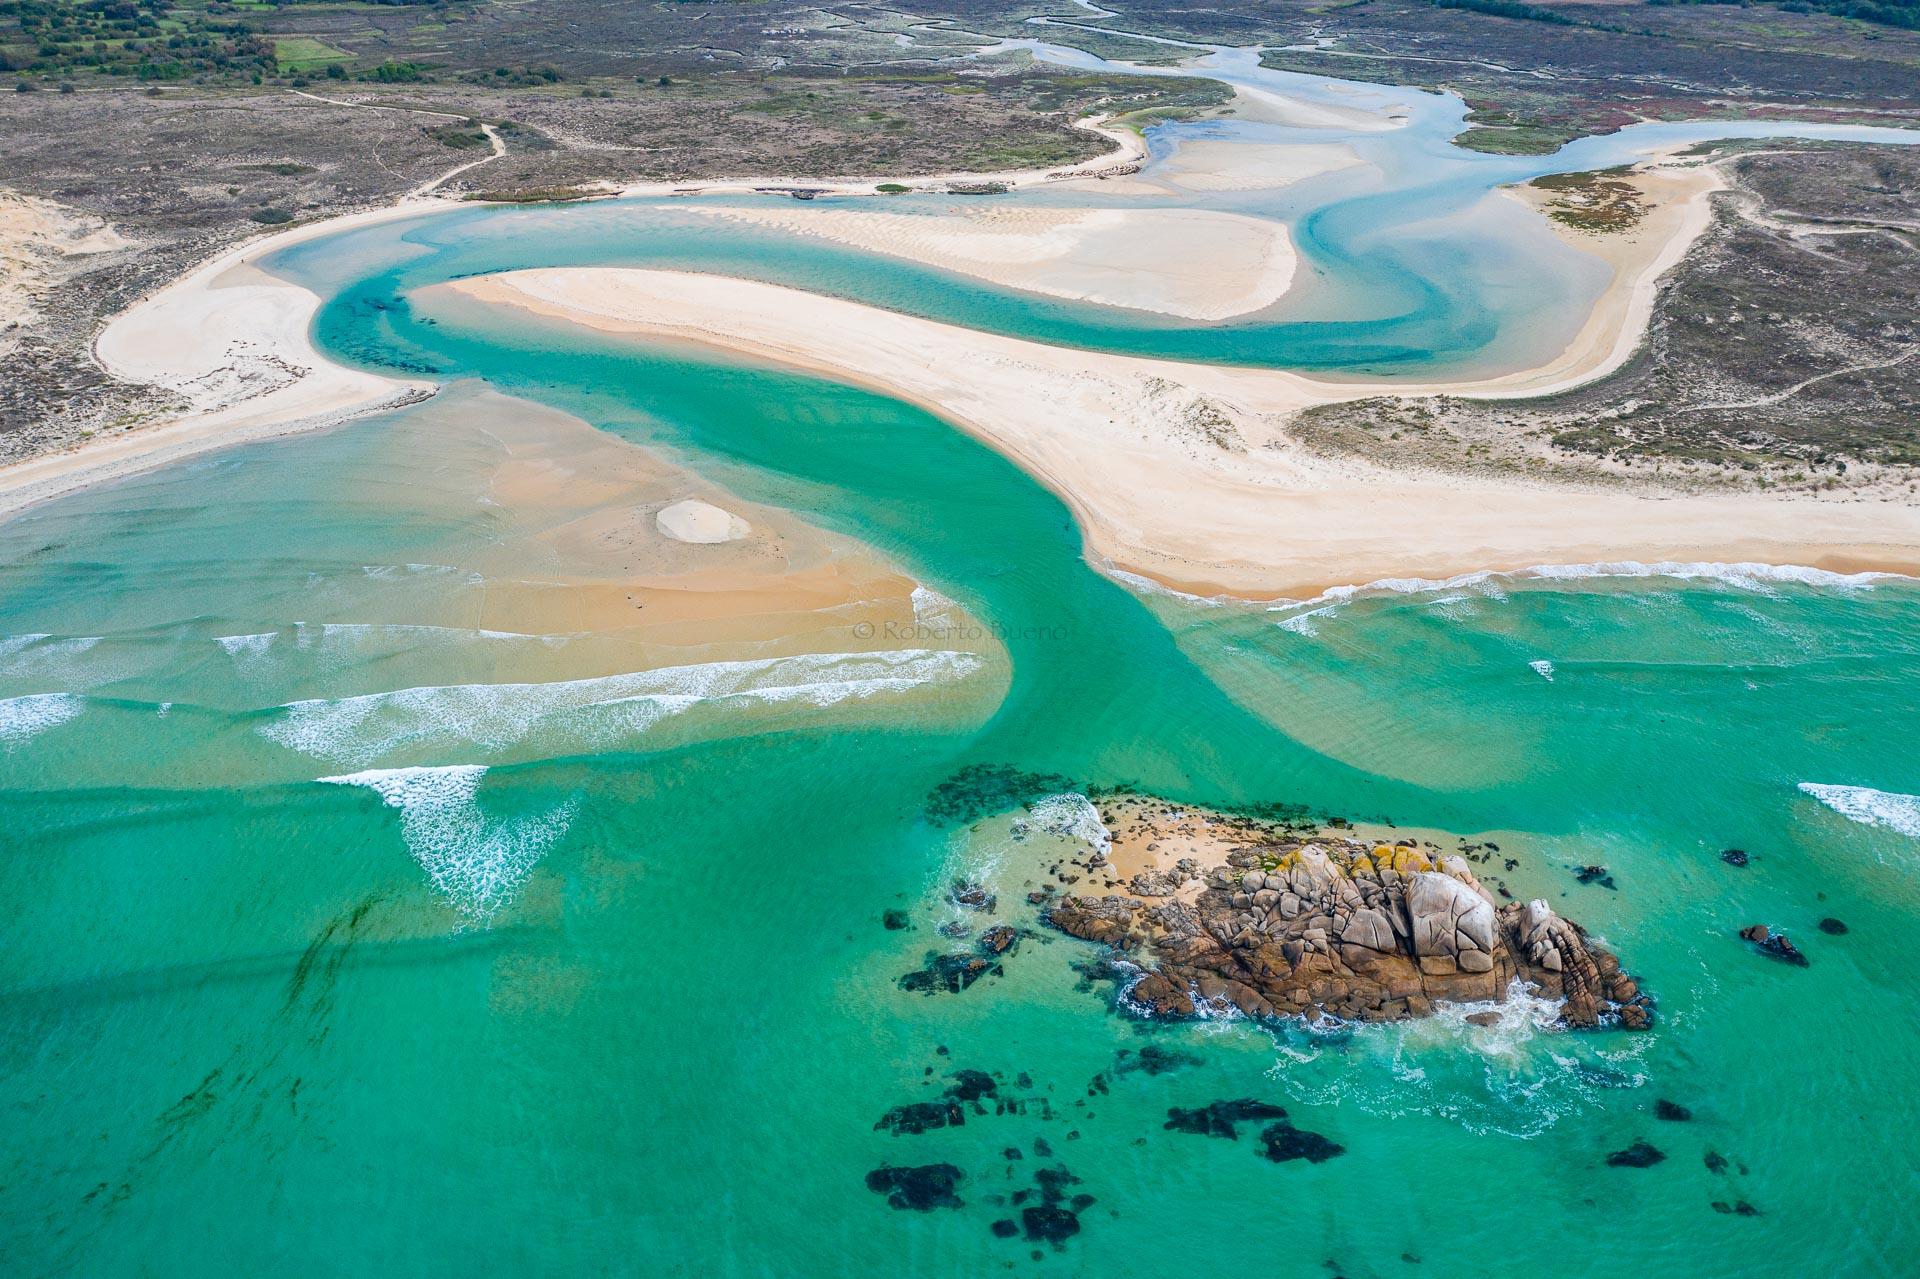 El final de un río - Desde el aire 2 - Roberto Bueno - Fotografía de Naturaleza - Luces del Planeta - Desde el aire